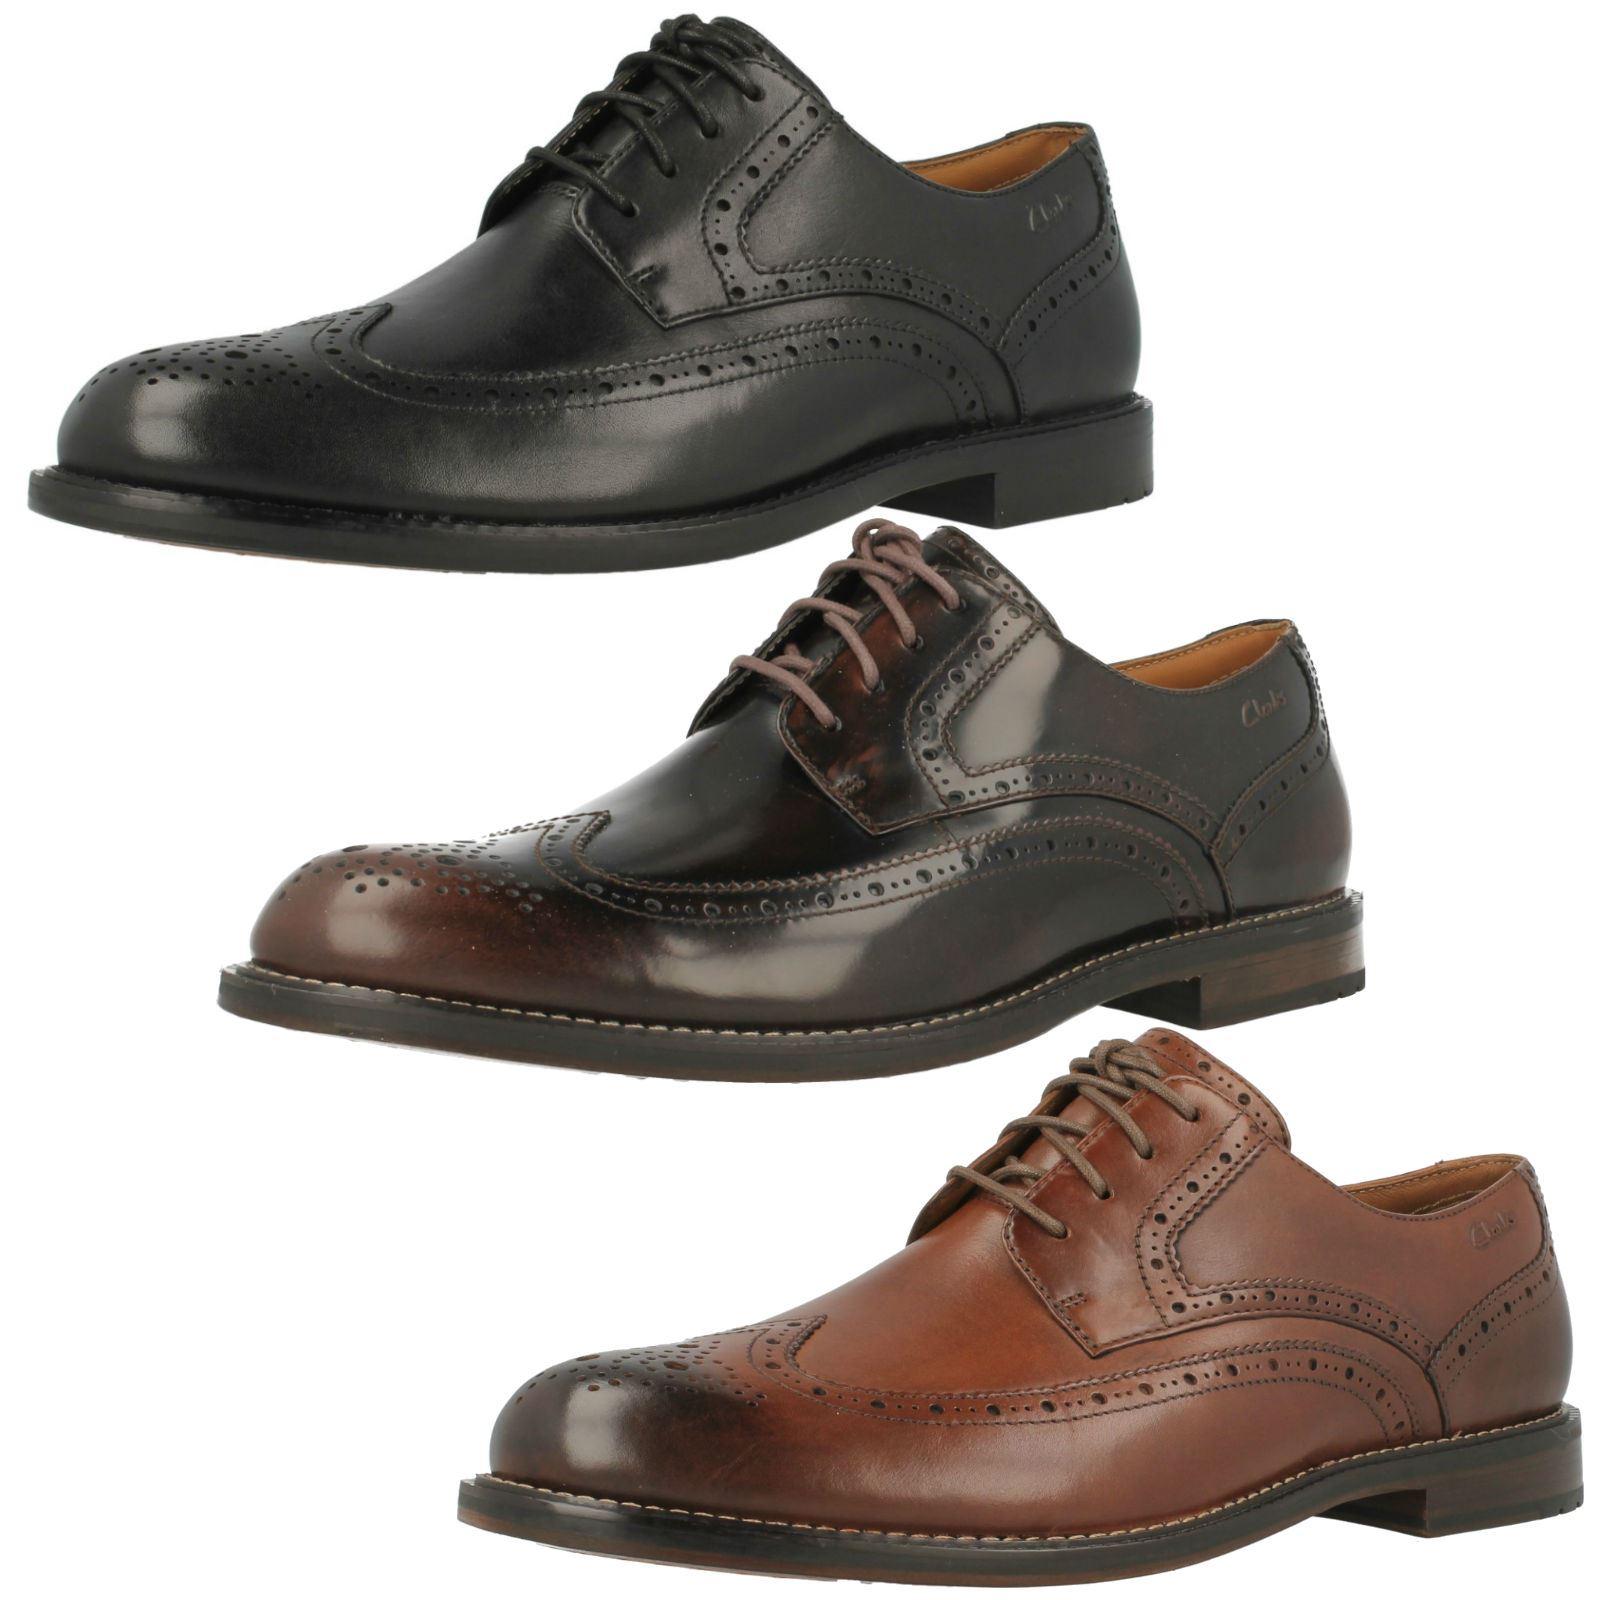 Details about Mens Clarks Formal Lace Up Brogue Shoes 'Dorset Limit'